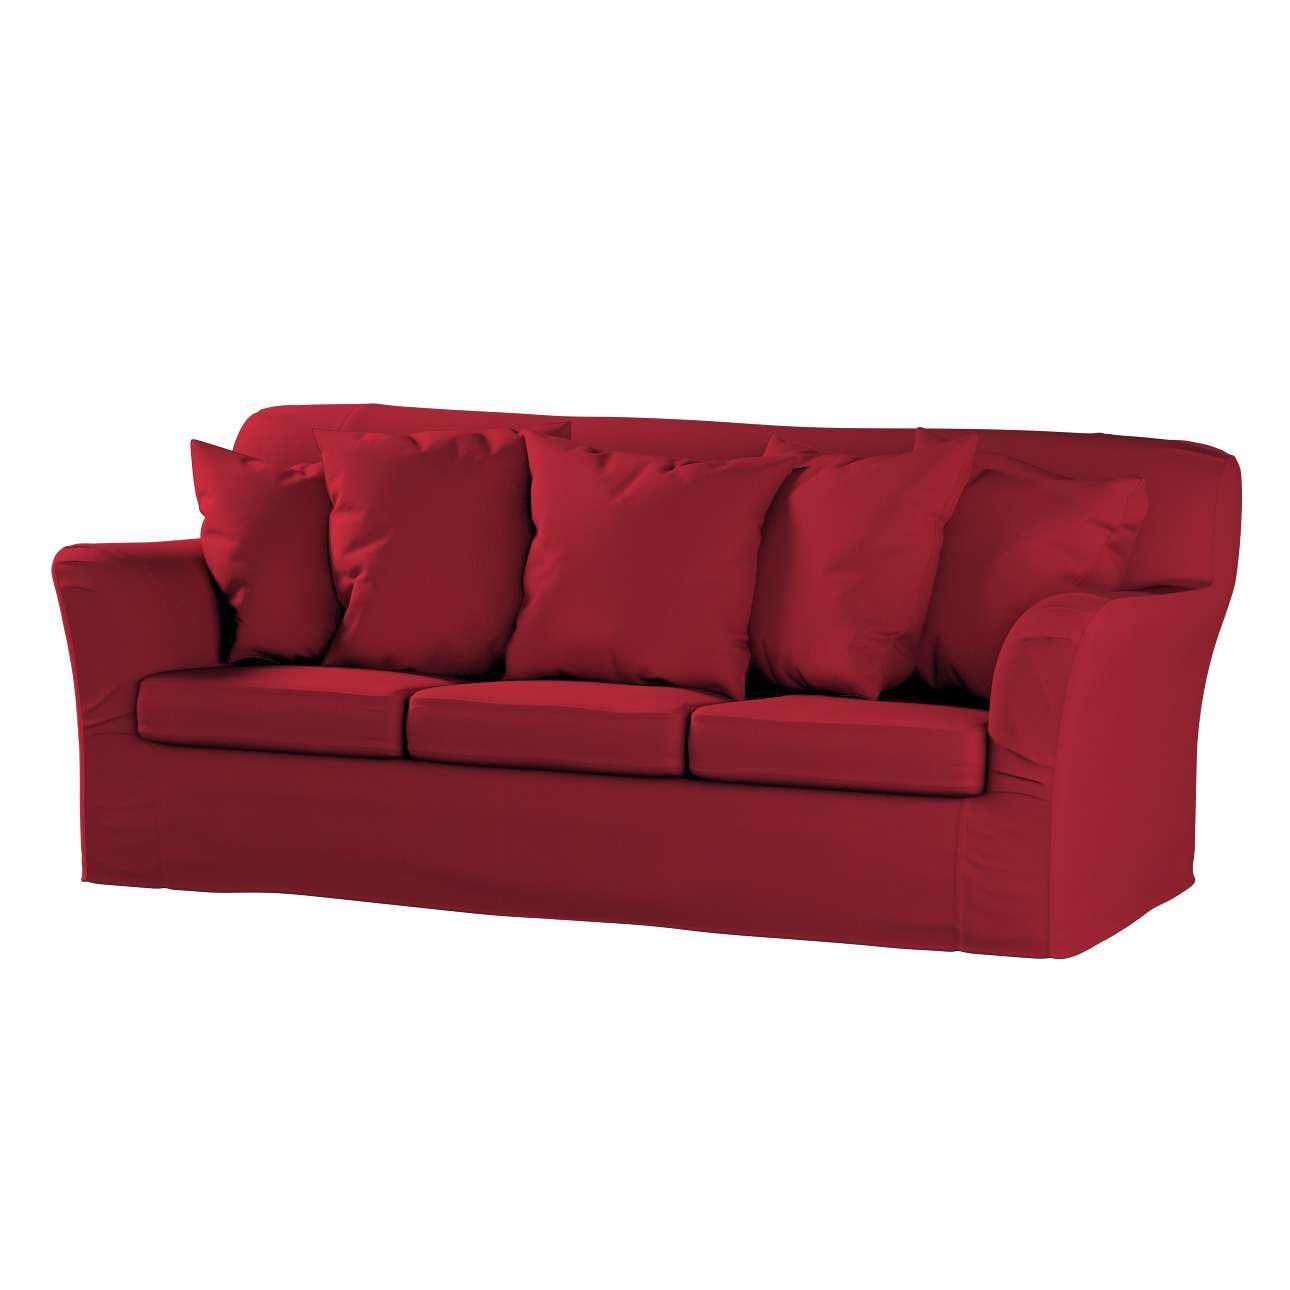 Tomelilla 3-Sitzer Sofabezug nicht ausklappbar Sofahusse, Tomelilla 3-Sitzer von der Kollektion Chenille , Stoff: 702-24